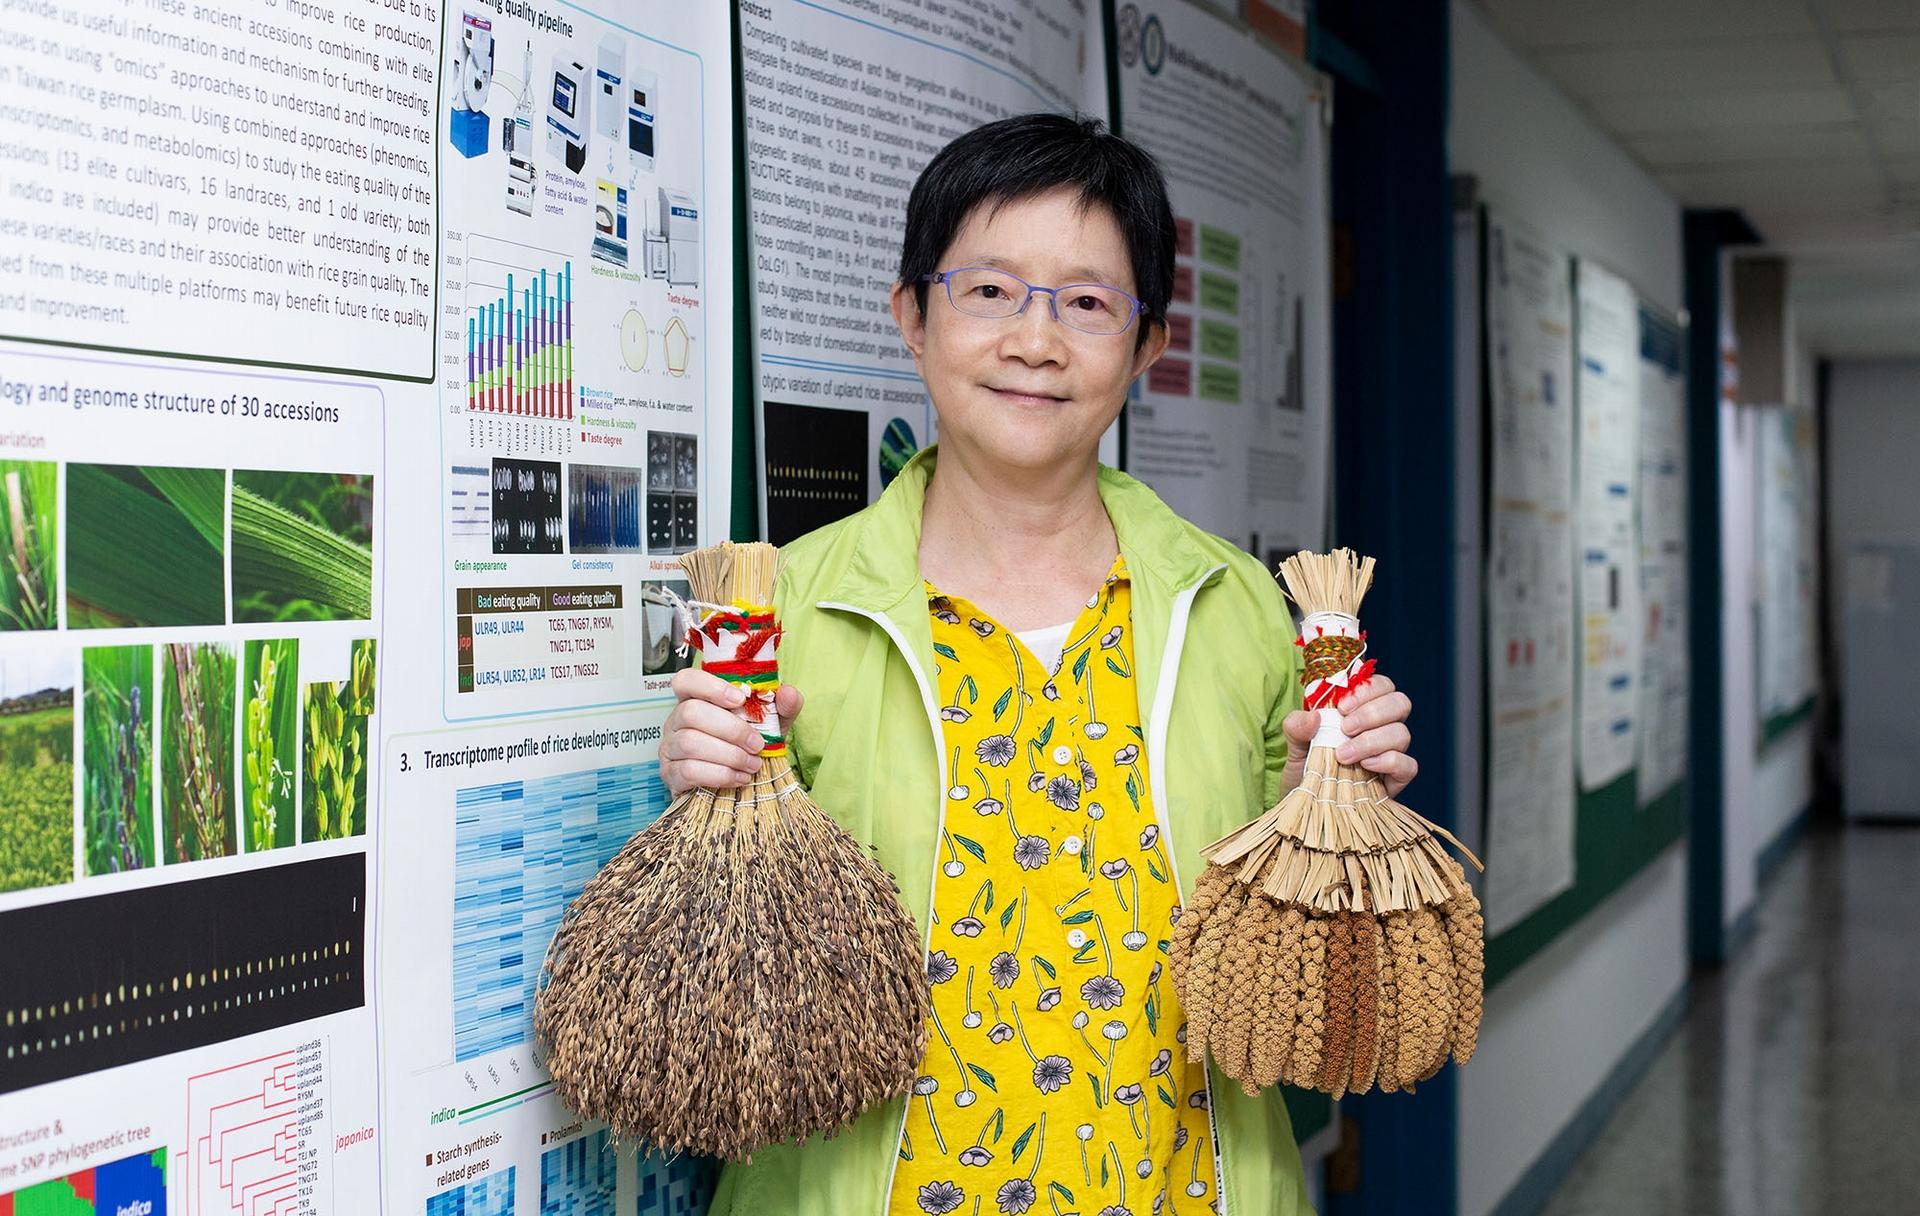 中研院植微所邢禹依特聘研究員專精水稻基因體研究,曾和周德源博士一起領導臺灣的團隊參與「國際水稻基因體定序計畫」,與世界各國合作,定出了水稻 12 條染色體的基因序列。近年來,她的實驗室研究山地陸稻,透過基因定序技術、親緣分析,解讀臺灣稻米與人的故事。 攝影│林洵安